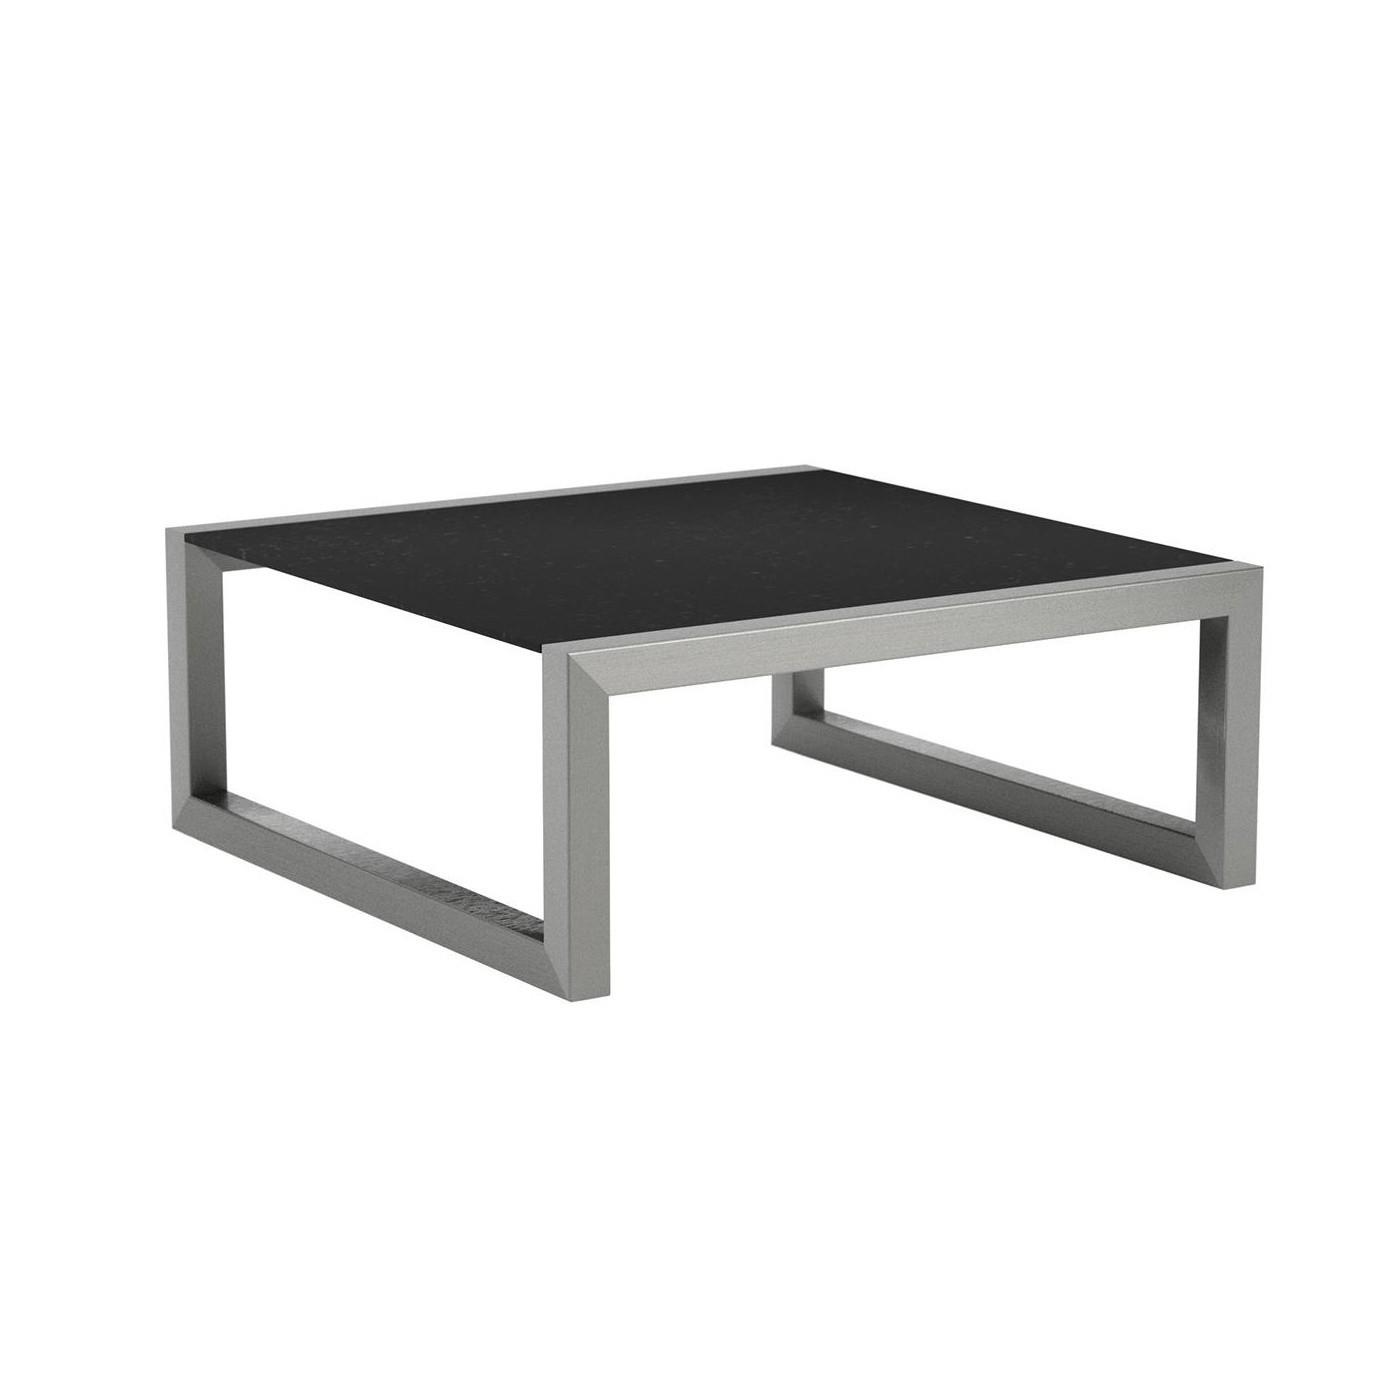 Ninix Garden Side Table 90x90cm